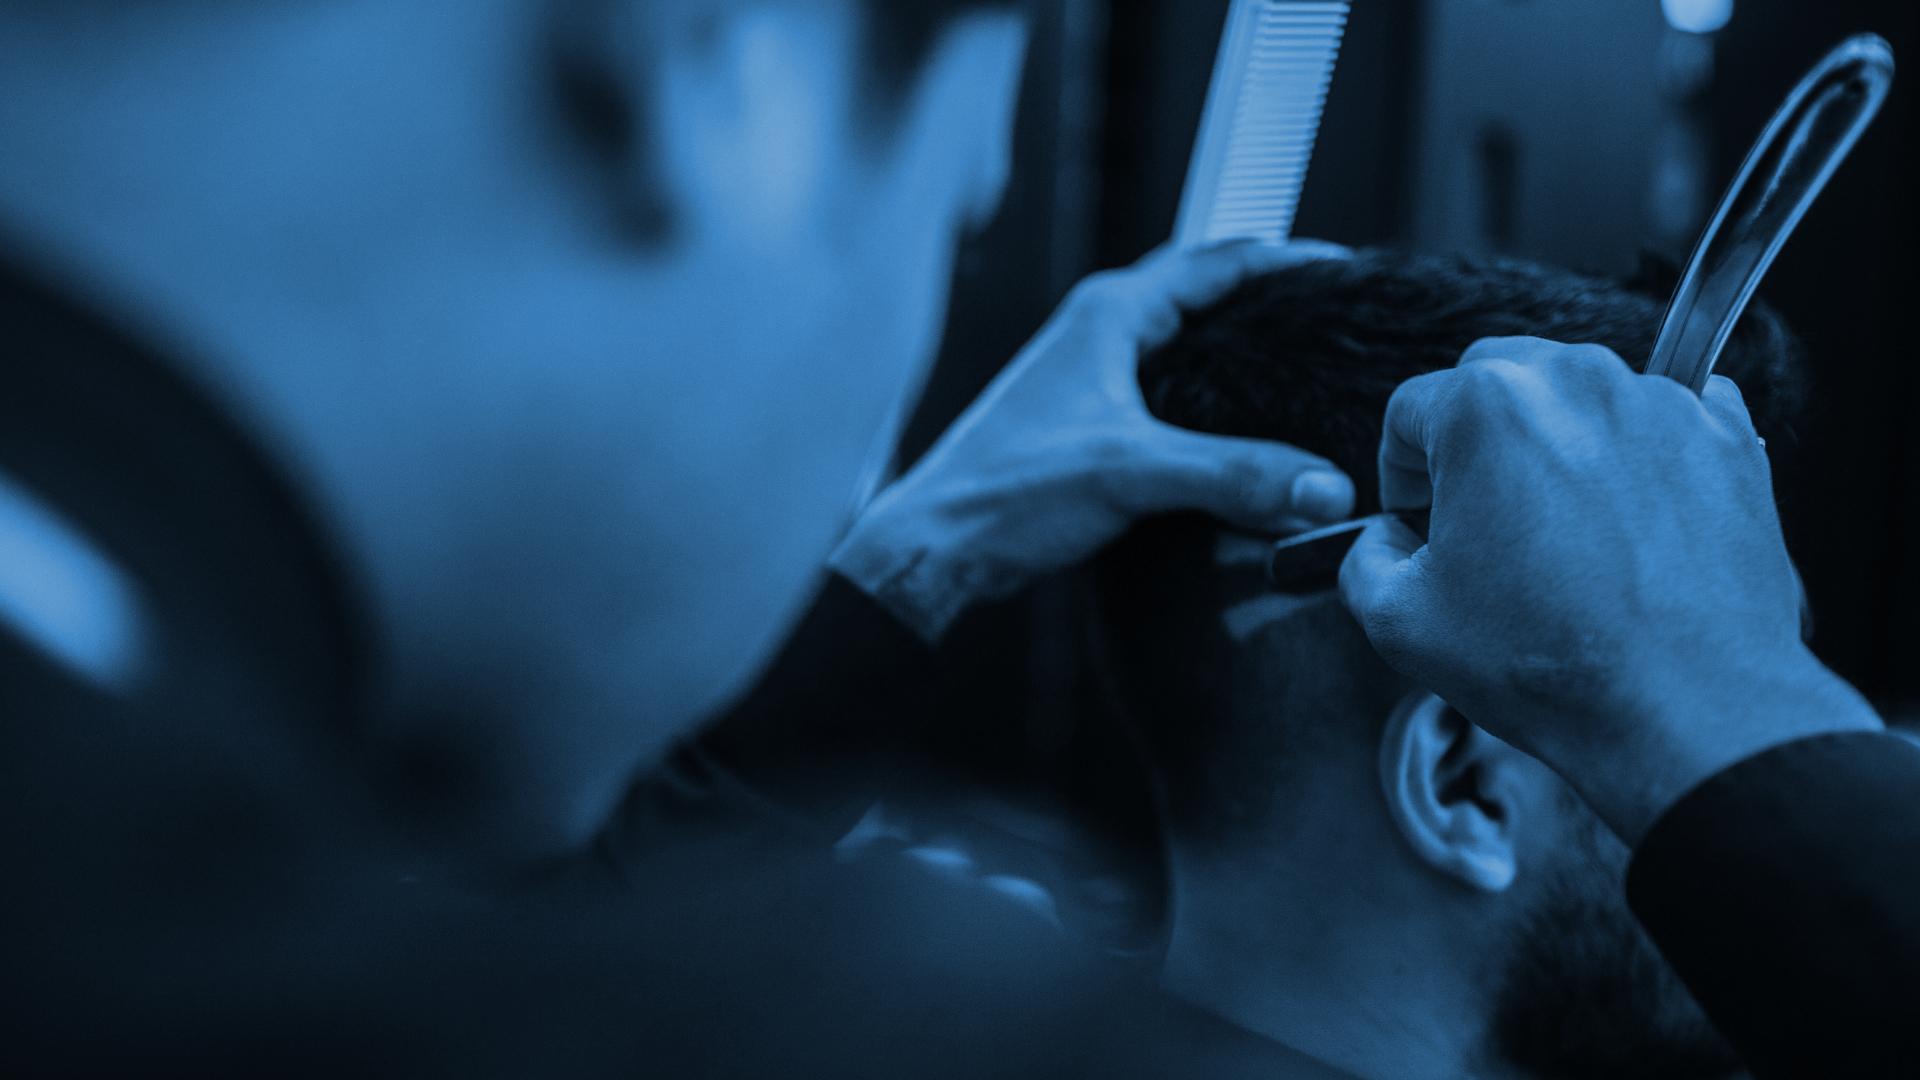 Salons, Friseure und Haarschnitte – über die Erfurter Friseuridylle